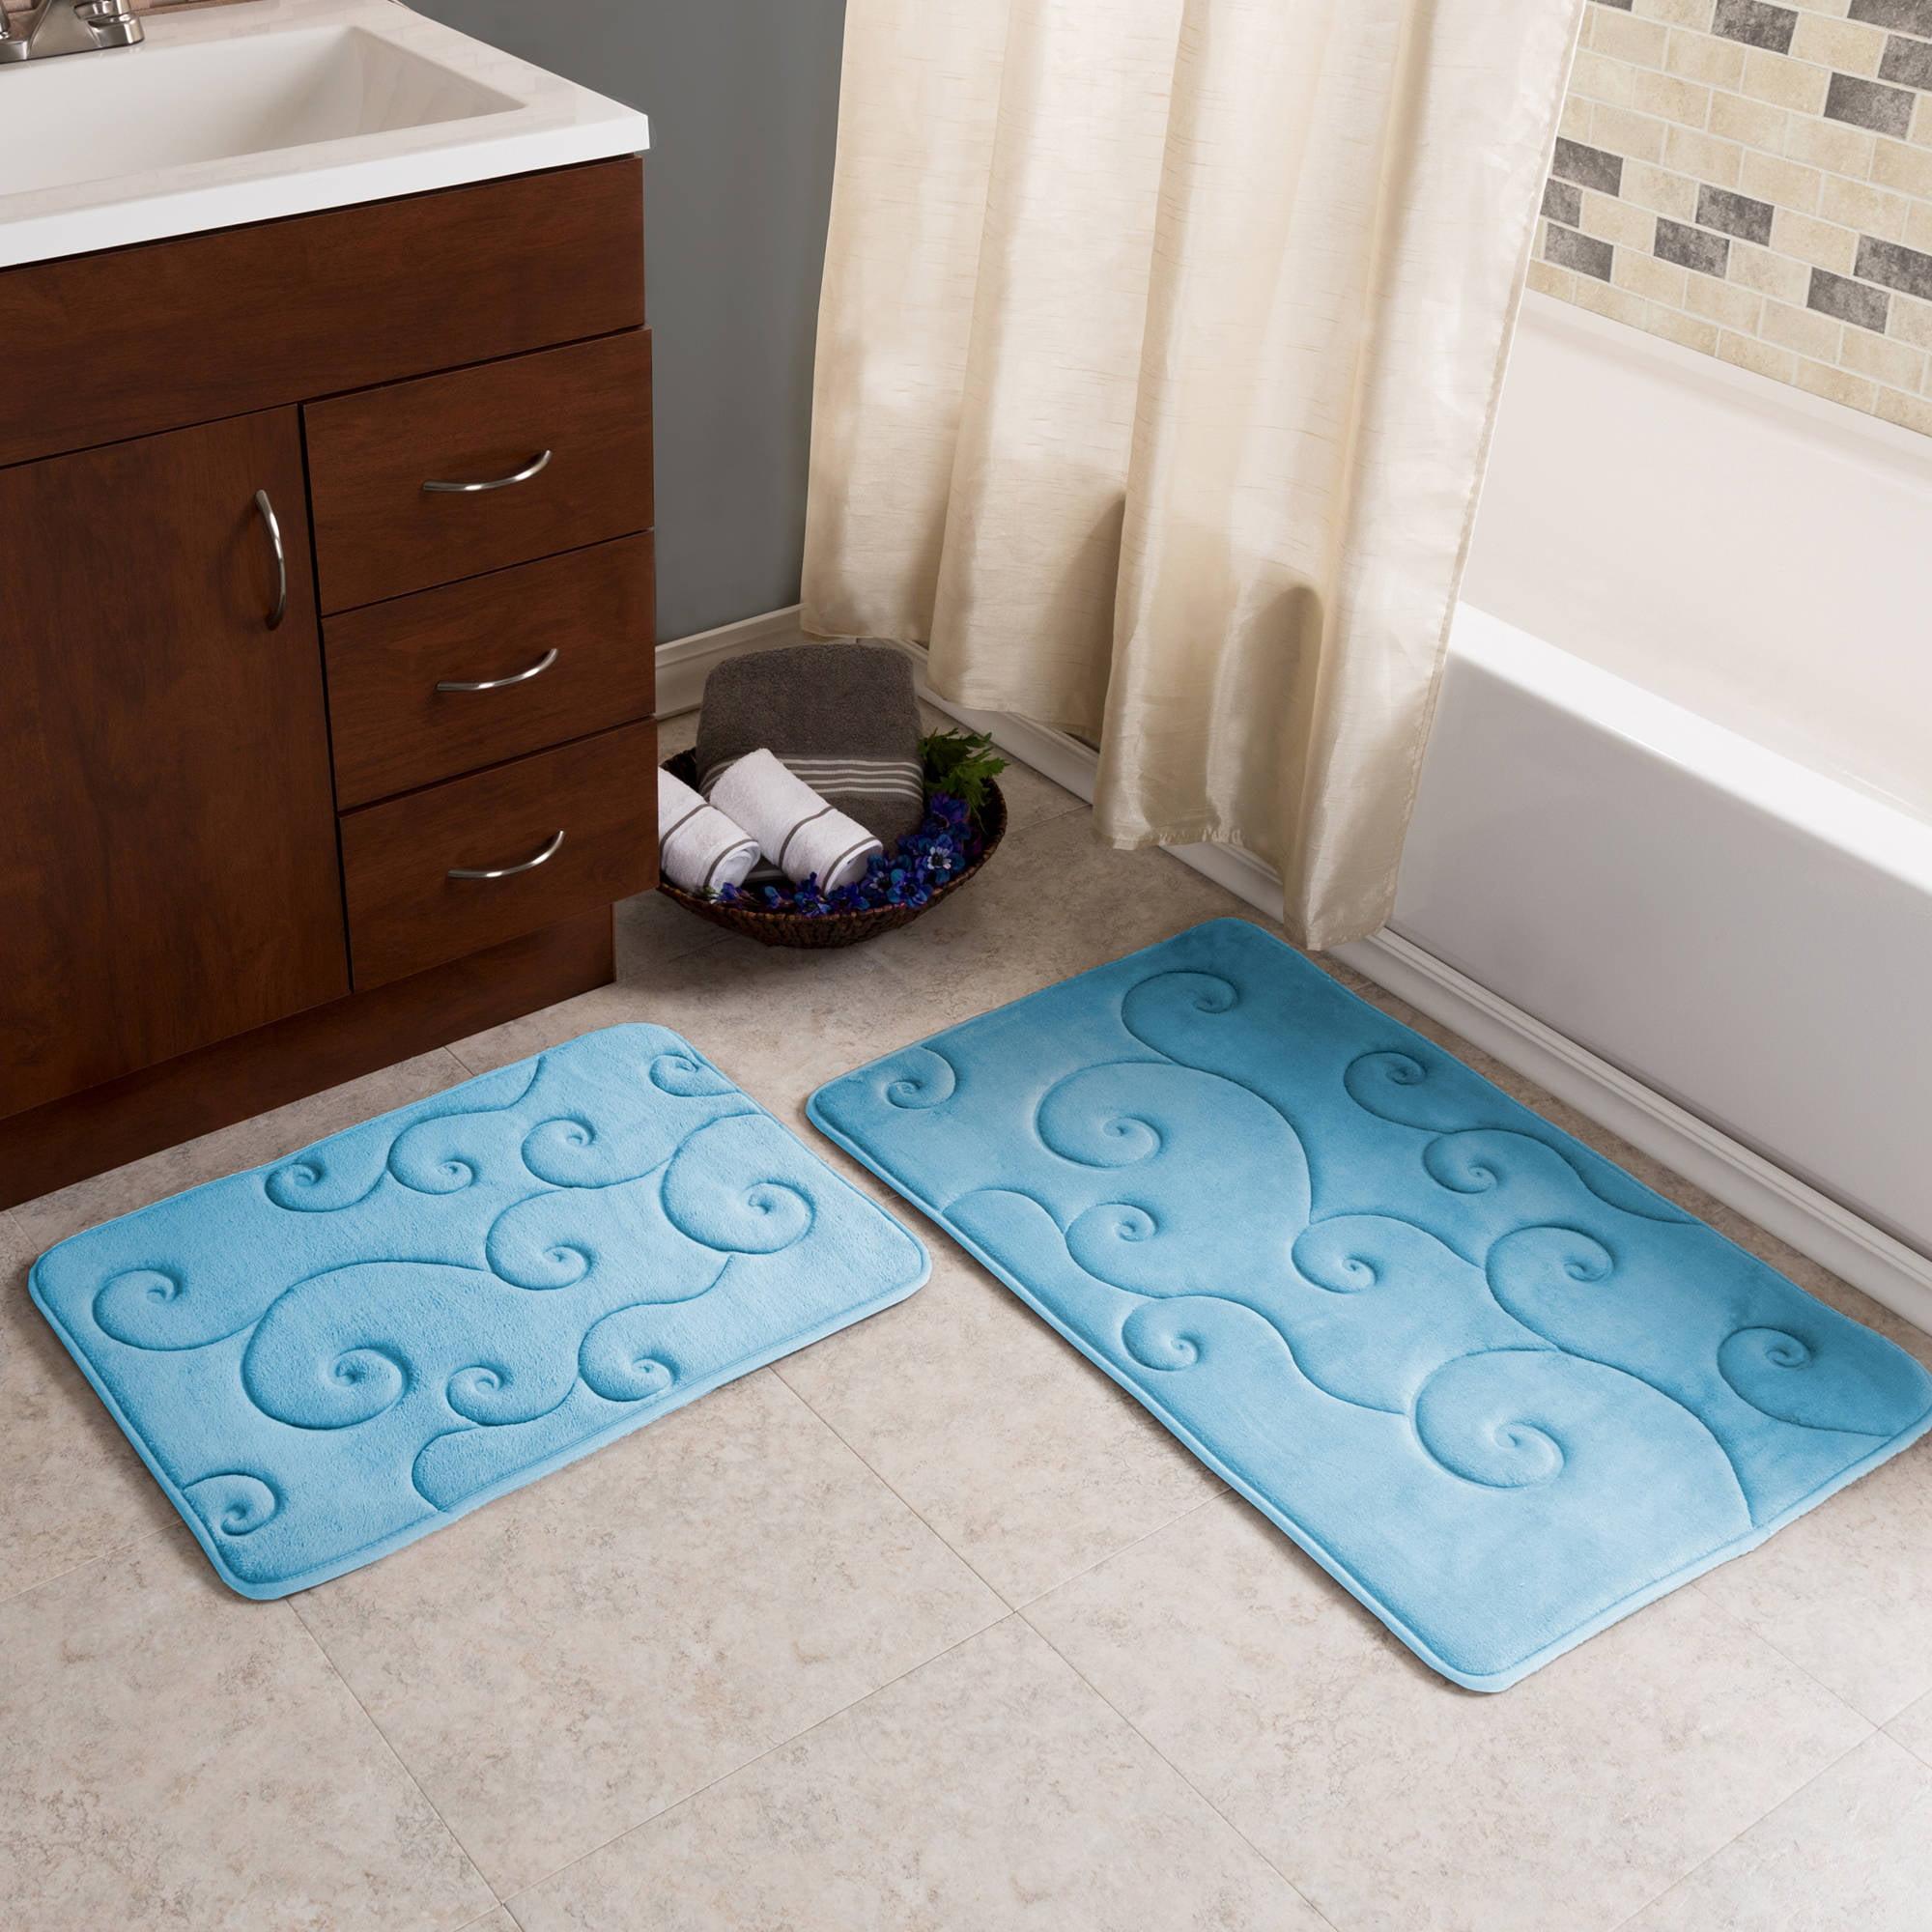 Somerset Home Memory Foam Bath Mat Set, 2 Piece, Coral Fleece